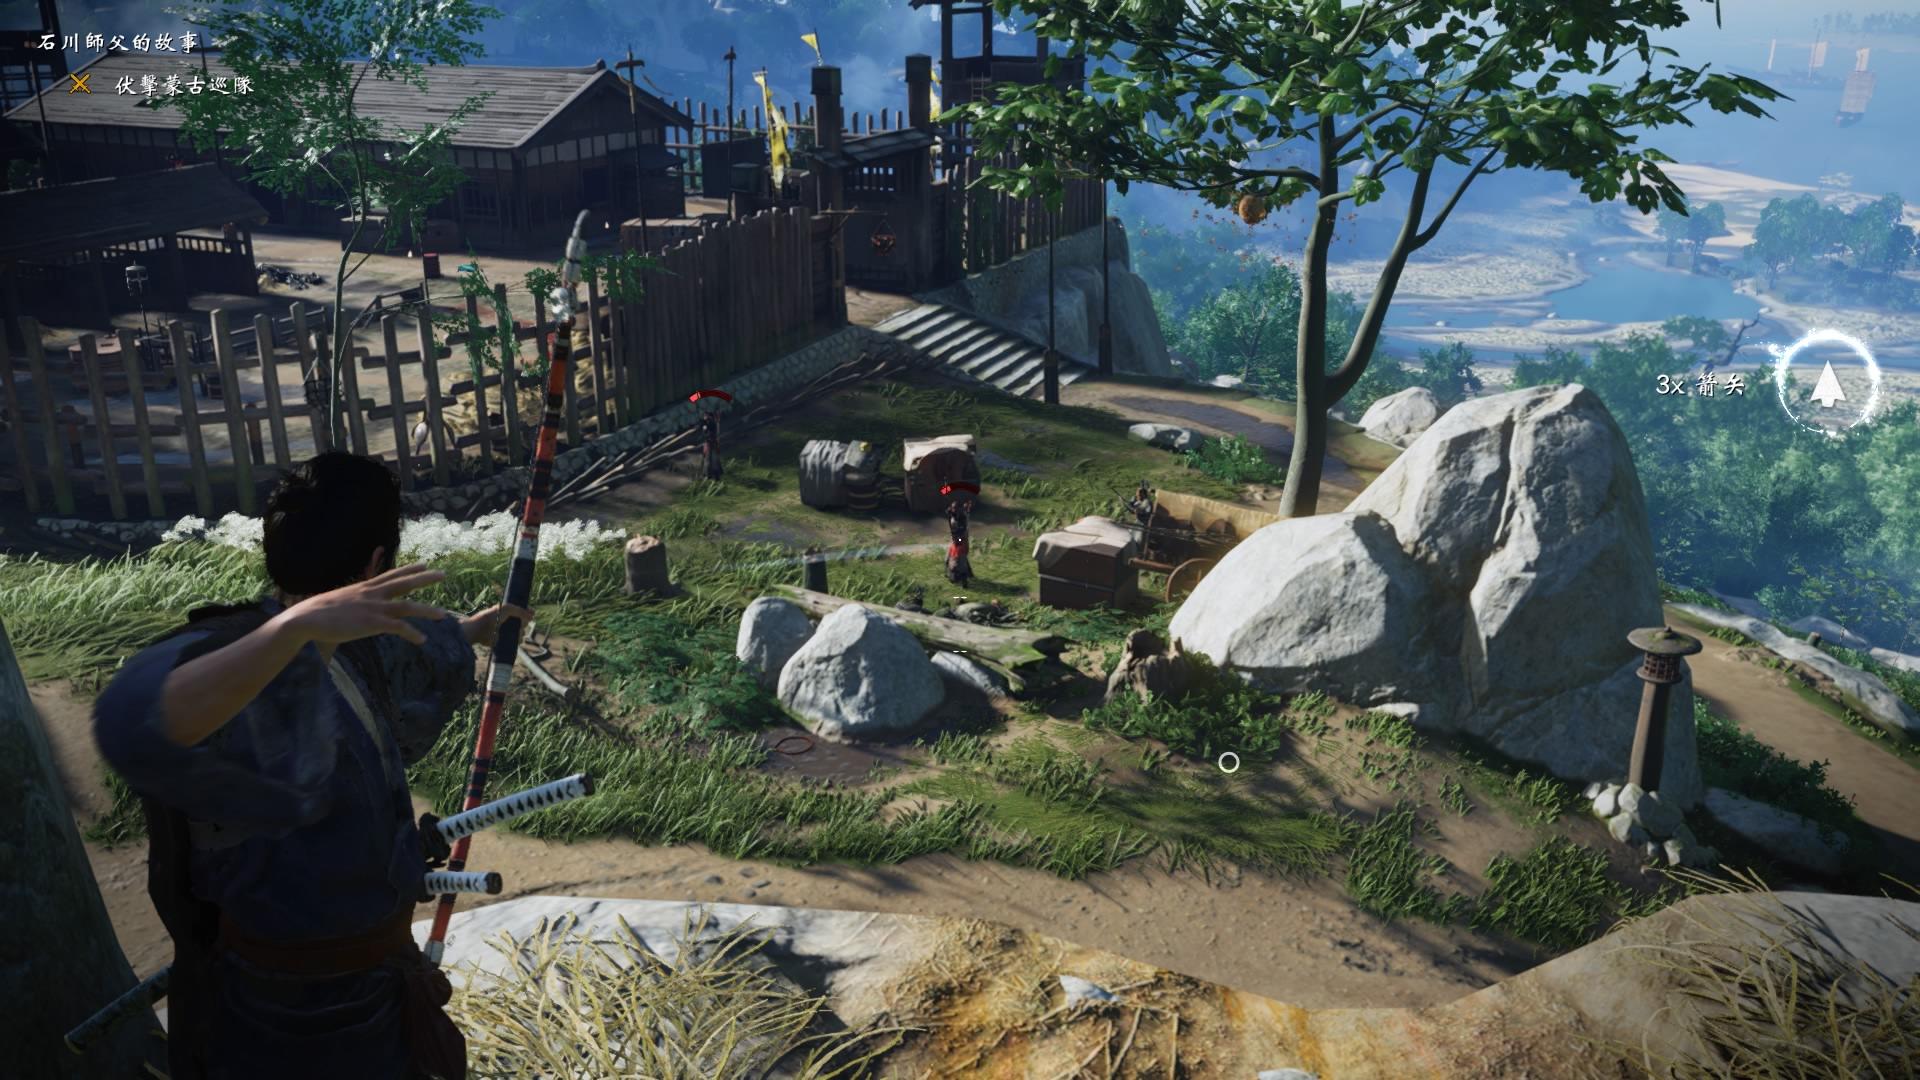 利用弓箭在遠處攻擊蜂窩、油燈等方式干擾,或是直接狙殺敵人也是不錯選擇。(圖源:PS4 Pro)